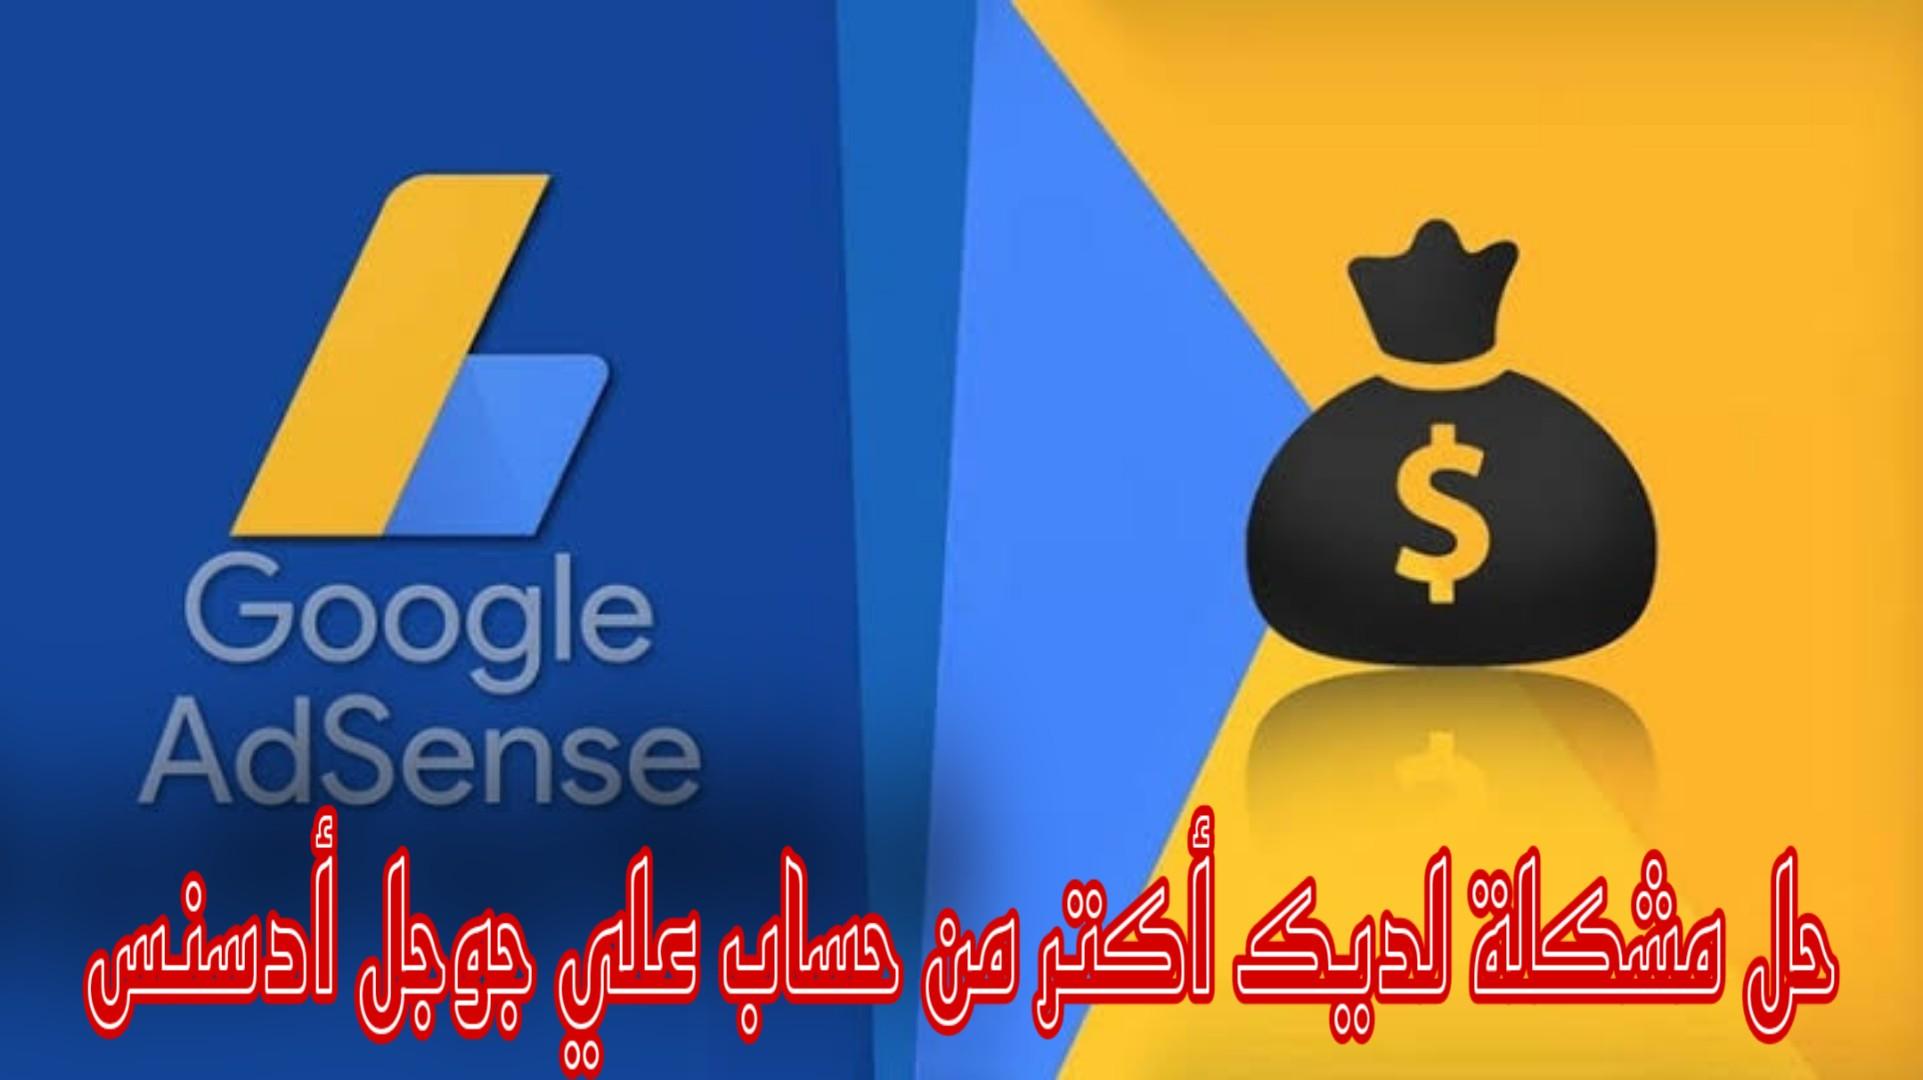 حل مشكلة لديك أكتر من حساب علي جوجل أدسنس